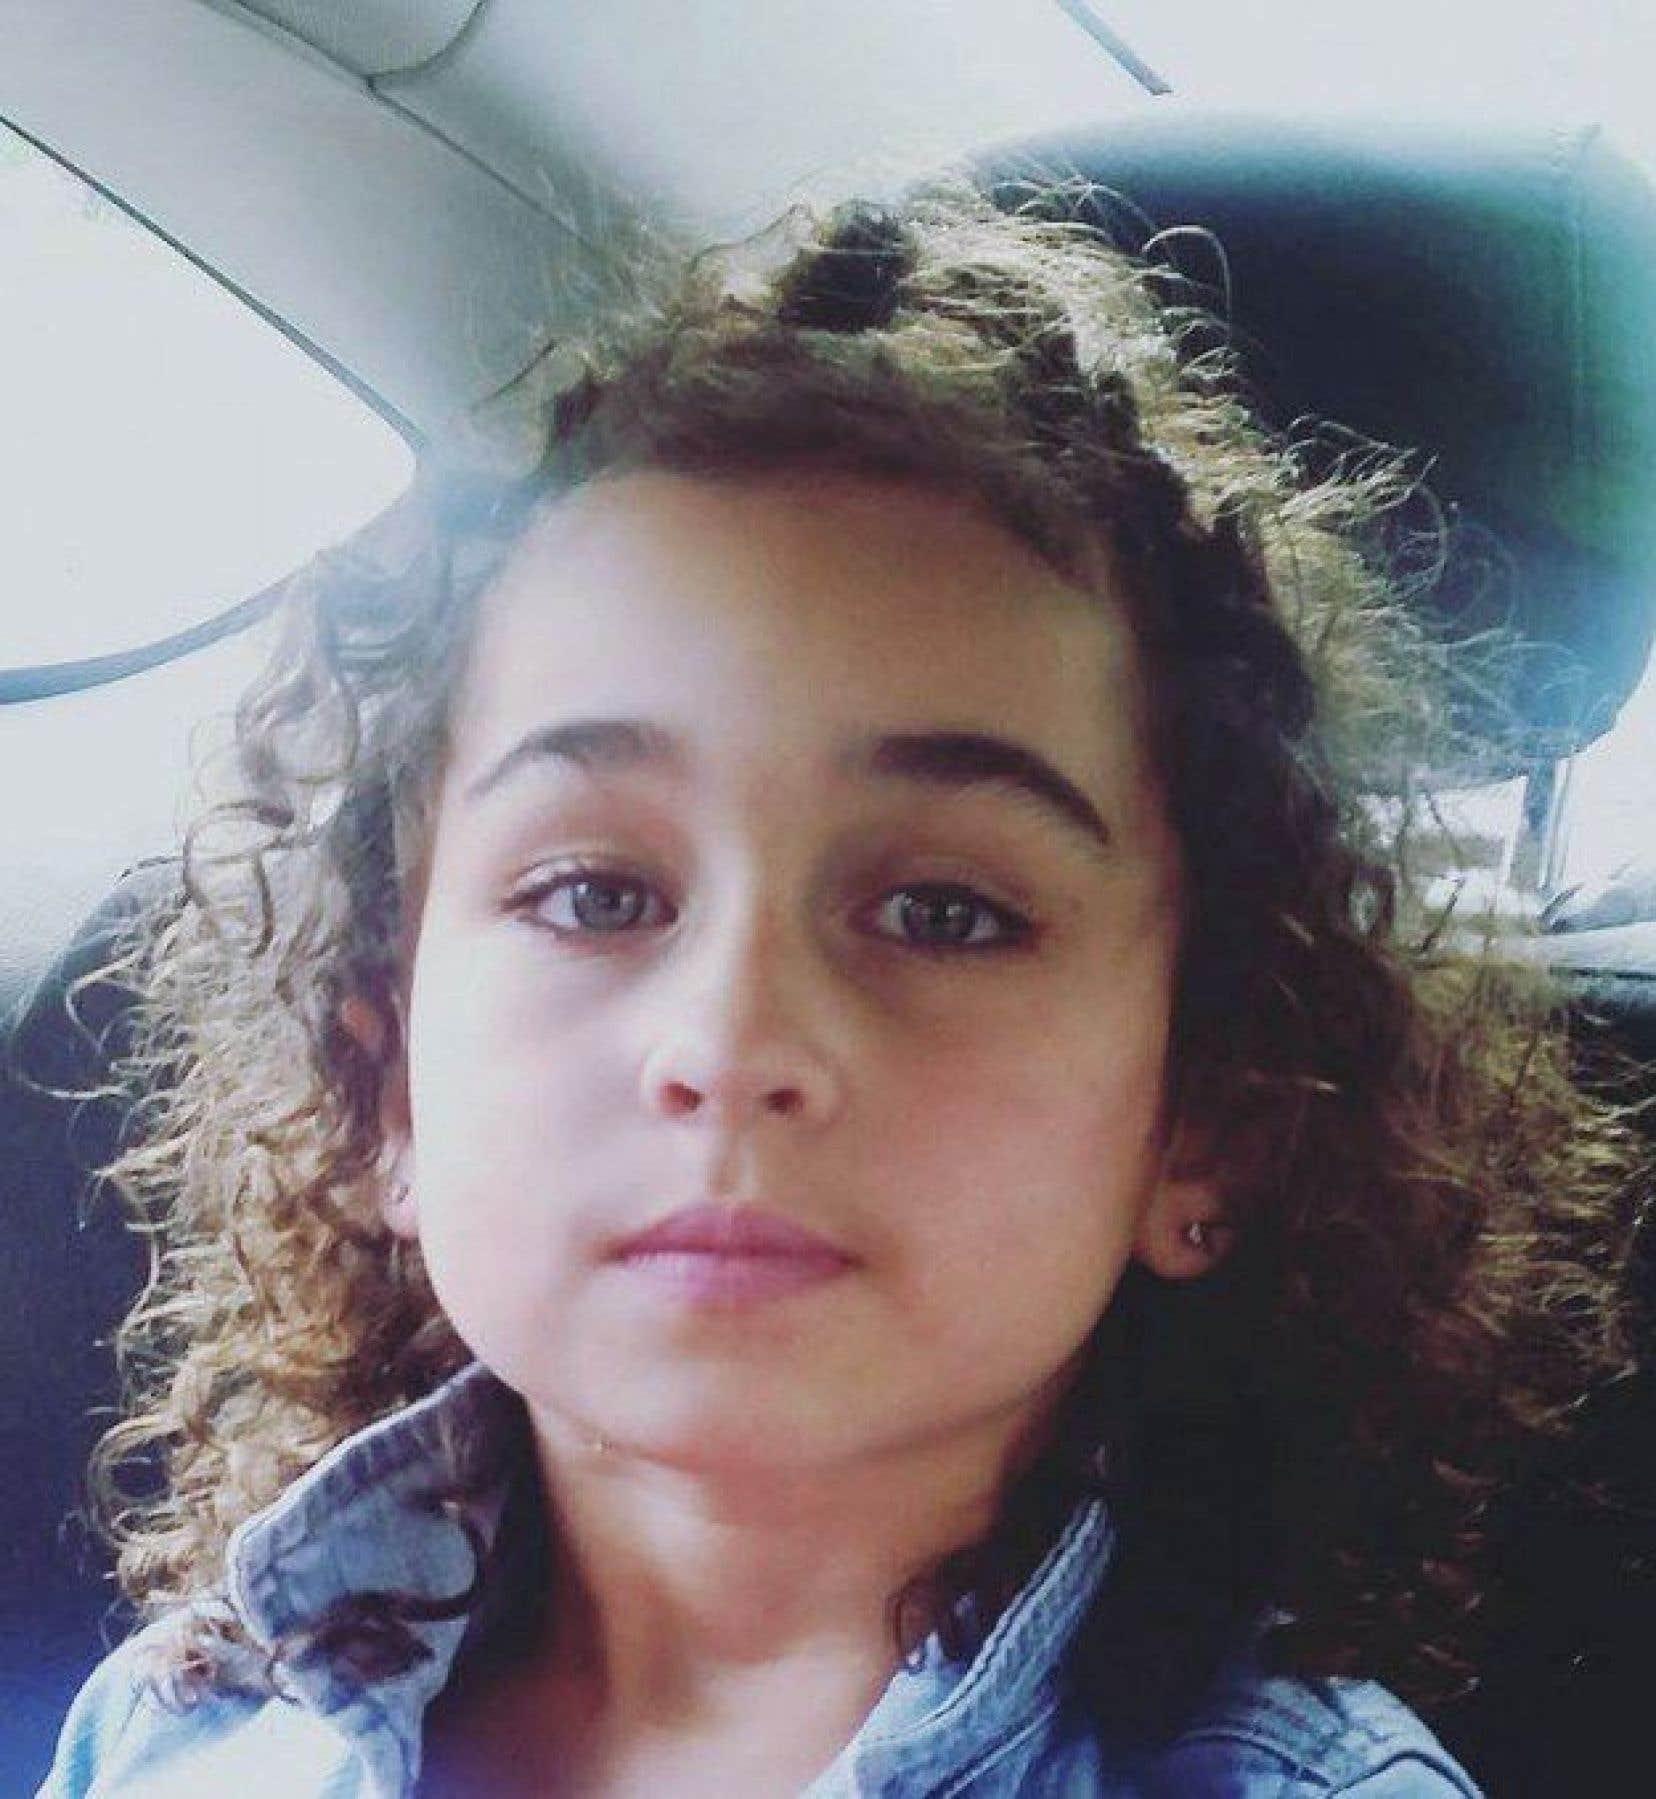 La jeune Taliyah Leigh Marsman est portée disparue depuis que le corps de sa mère a été retrouvé à leur domicile. Elle a les yeux bleus et les cheveux bouclés.